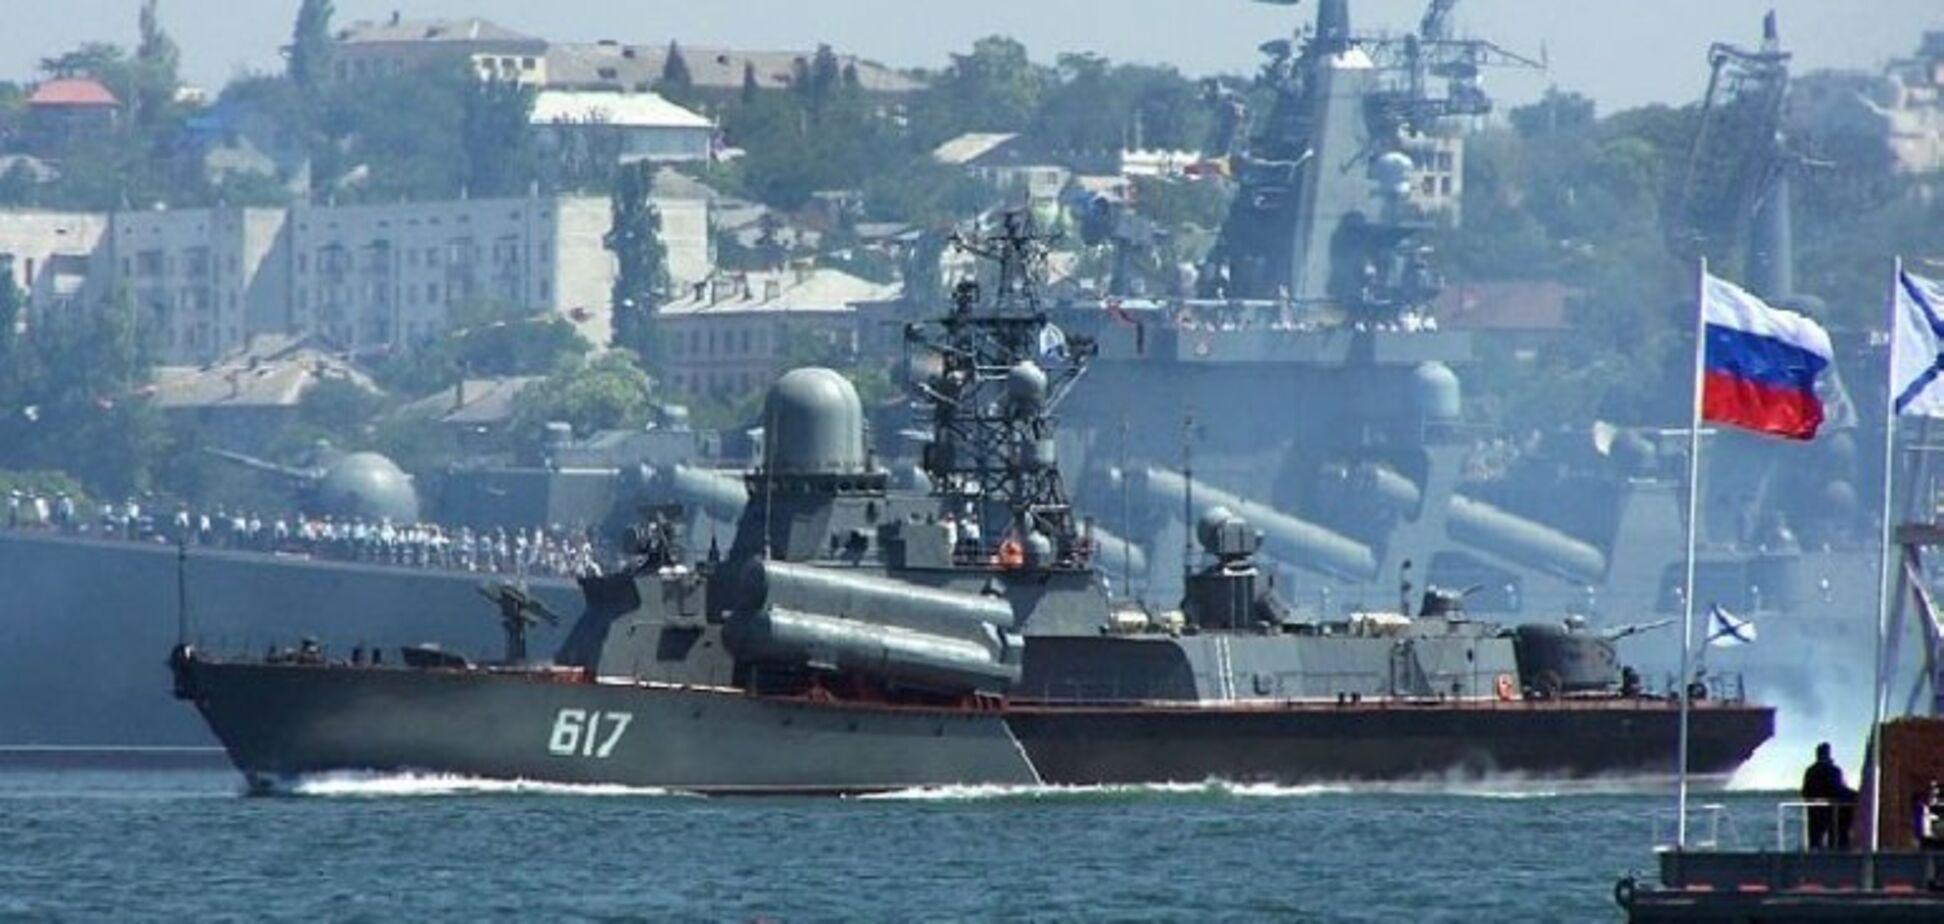 С флотом и авиацией: в России пригрозили открытым вторжением в Украину